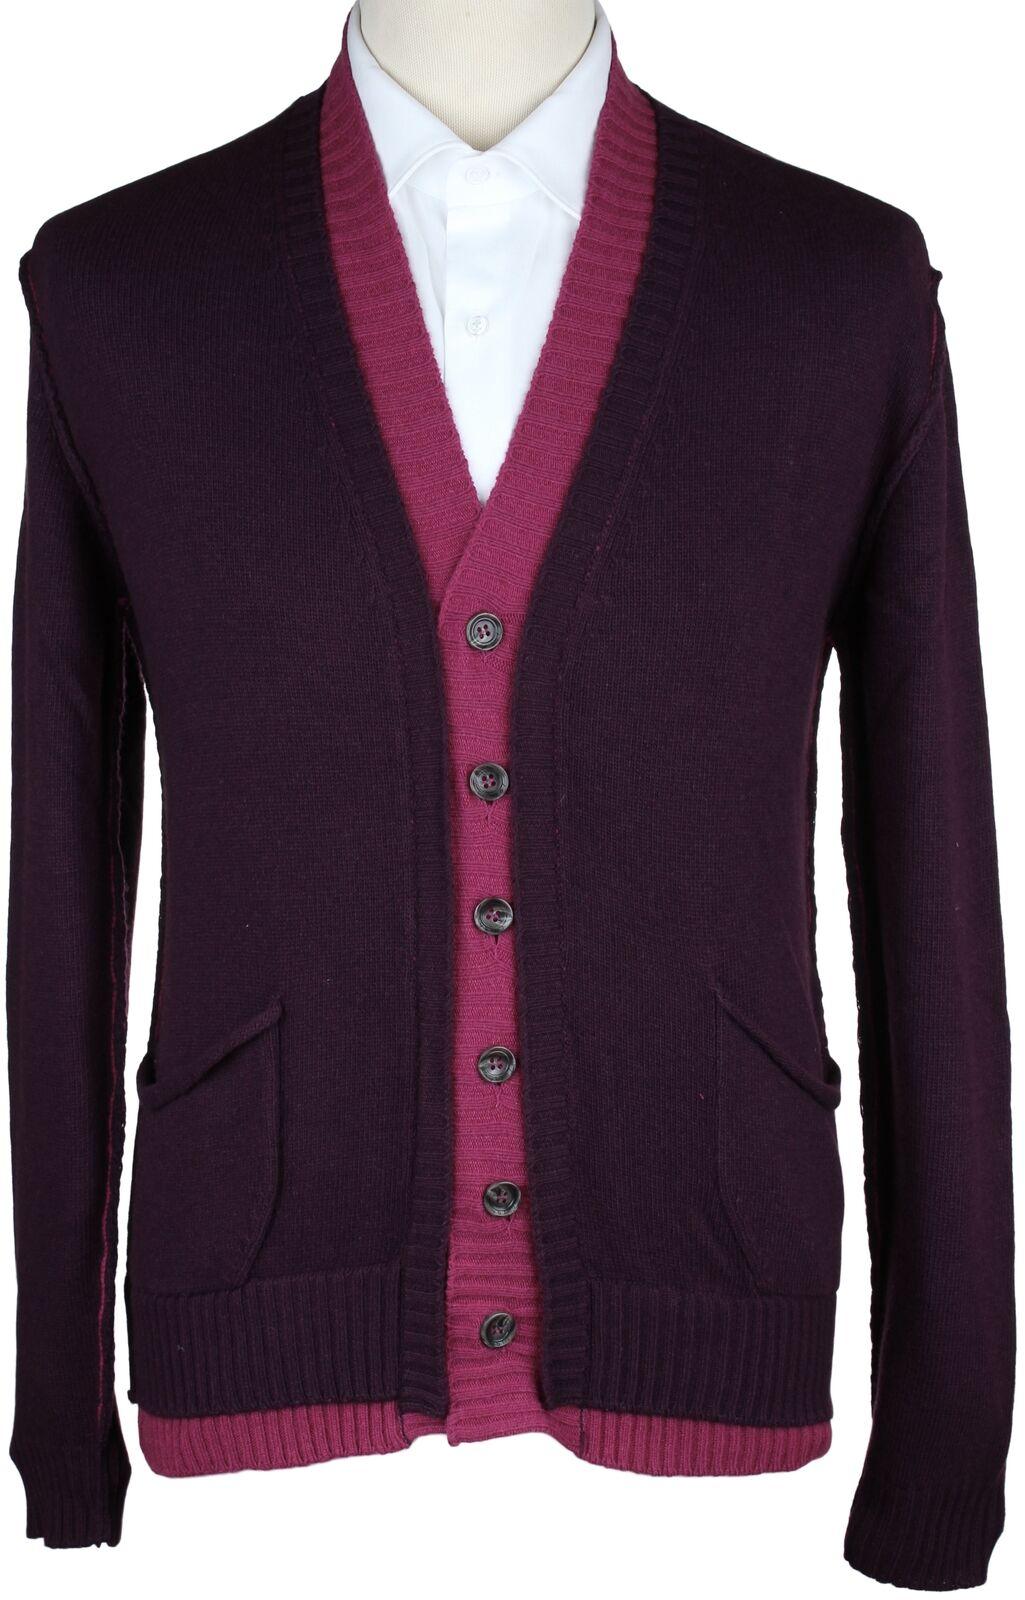 c710a29373da0 BYBLOS SWEATER wool cashmere purple magenta luxury L CARDIGAN NWT ...